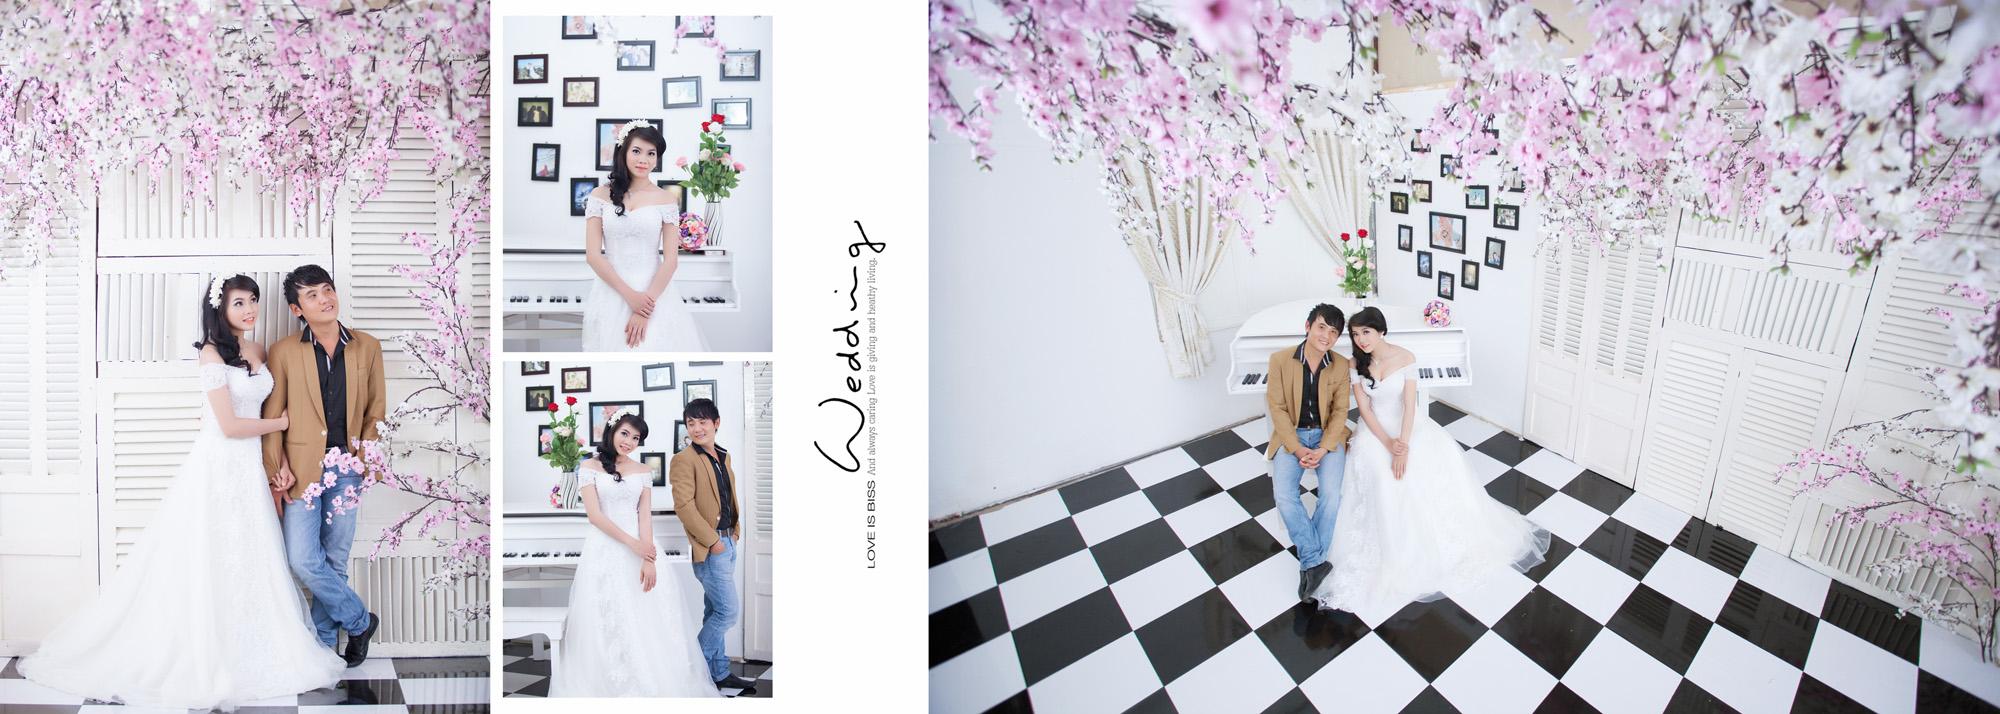 Album chụp hình cưới điễm & như 17